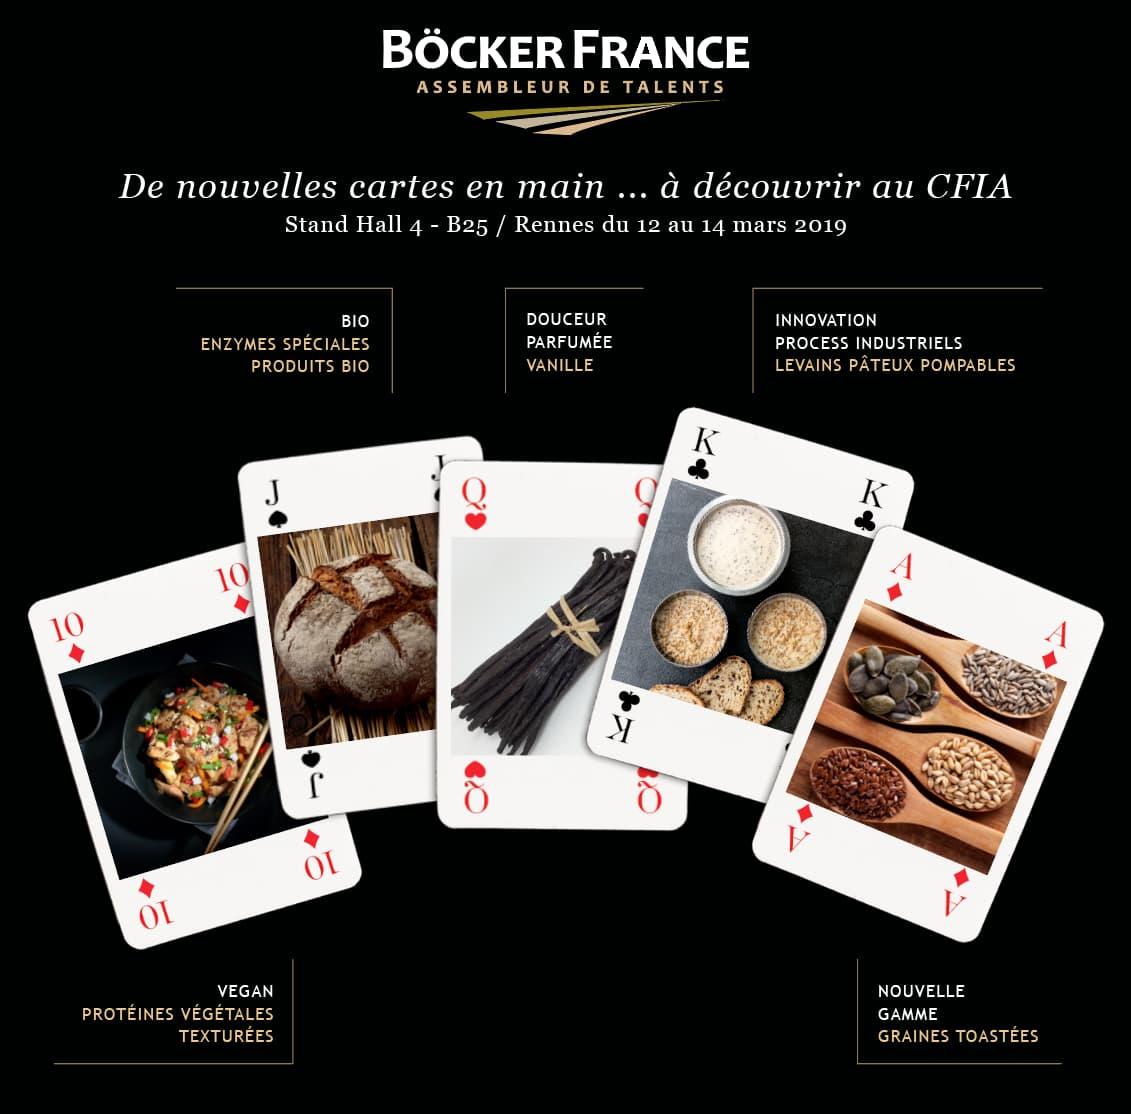 De nouvelles cartes en main... <br>à découvrir au CFIA